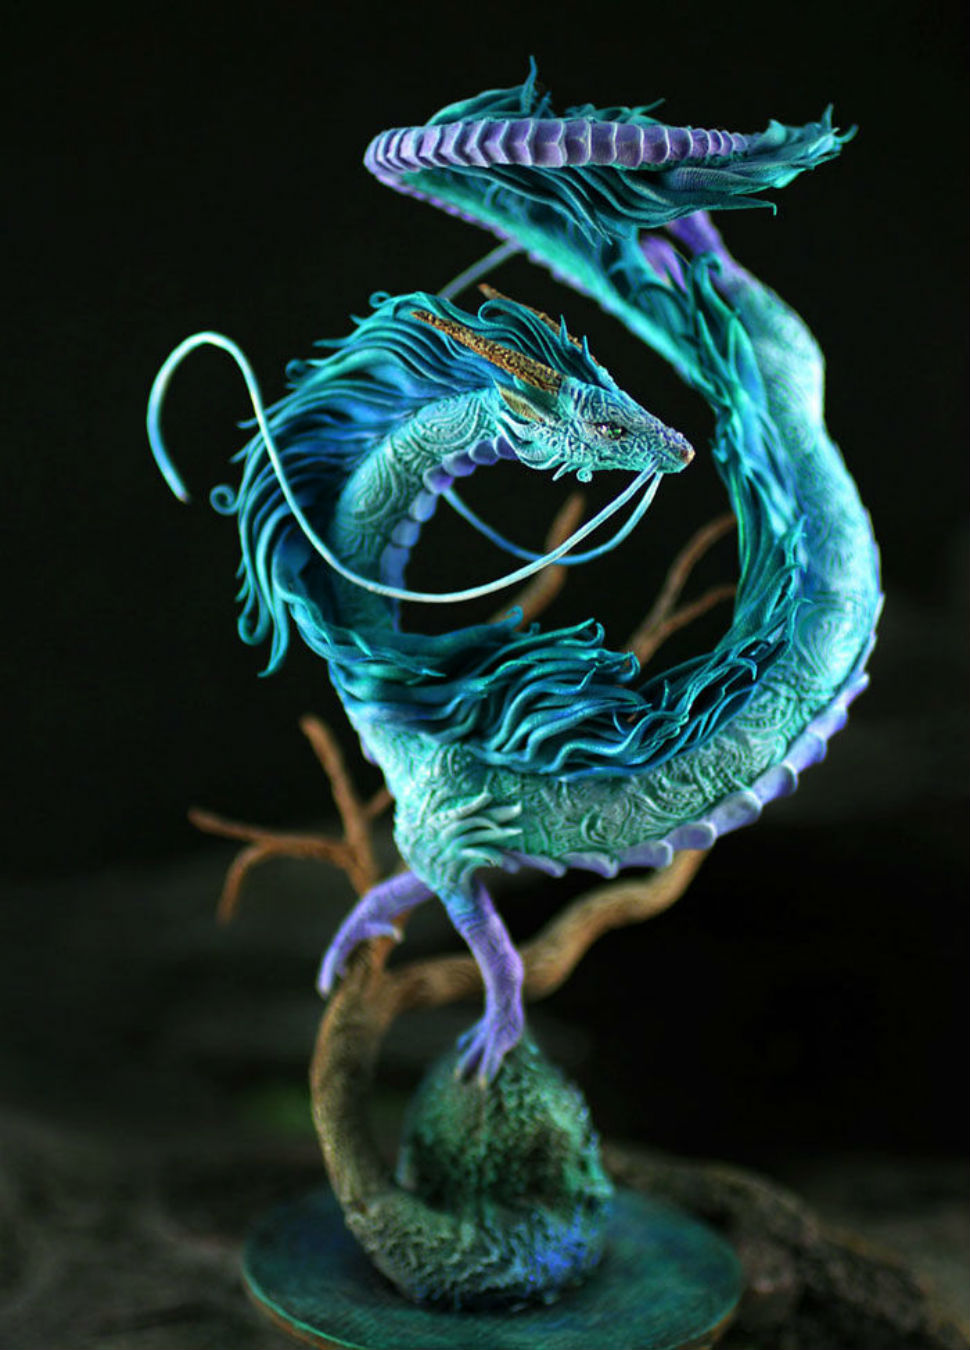 Скульптура дракона Хаку из мультфильма «Унесенные призраками».